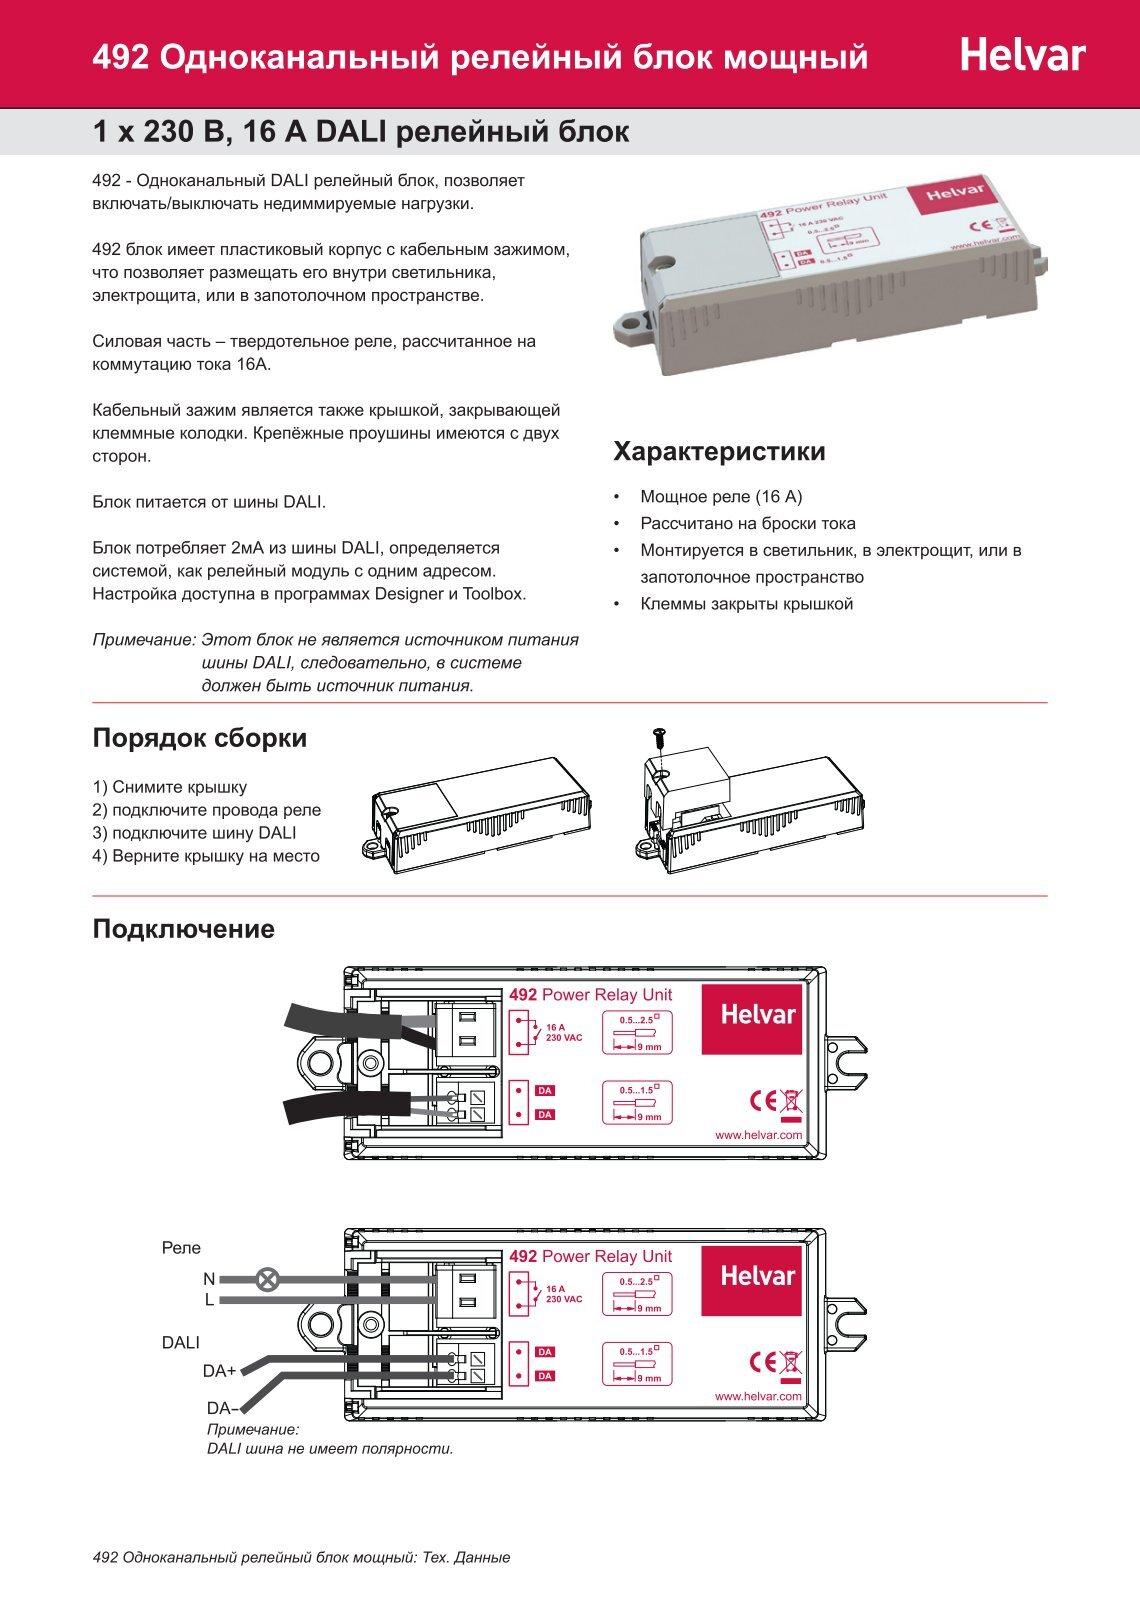 Fein Chevrolet Lkw Schaltpläne Bilder - Elektrische Schaltplan-Ideen ...